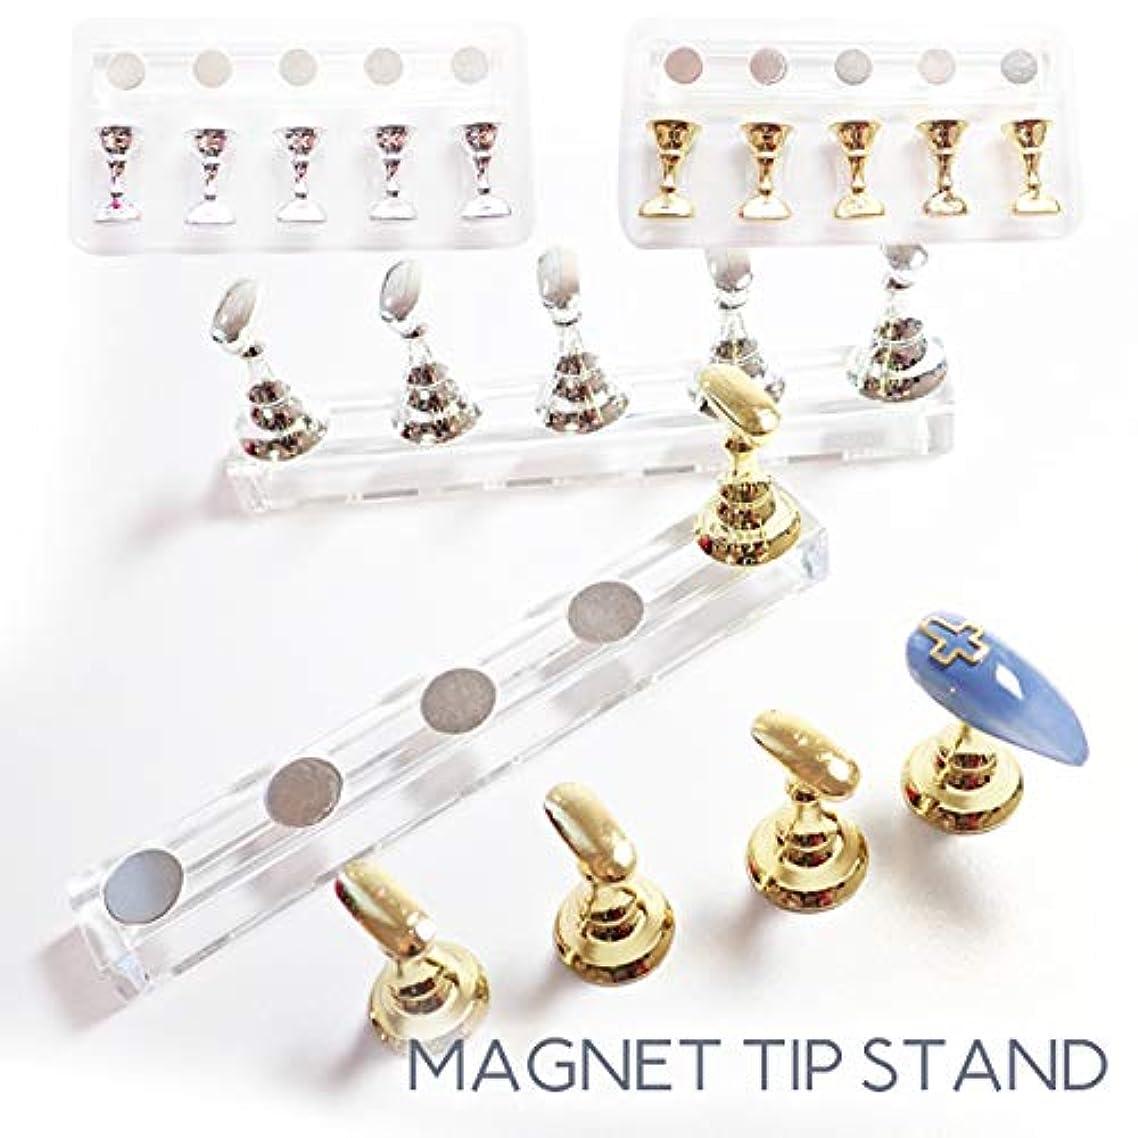 ベックスパケット原点マグネットチップスタンド マグネット式 クリア 軽量 シンプル チップ製作 チップ立て チップ台 治具 チップスタンド (ゴールド)